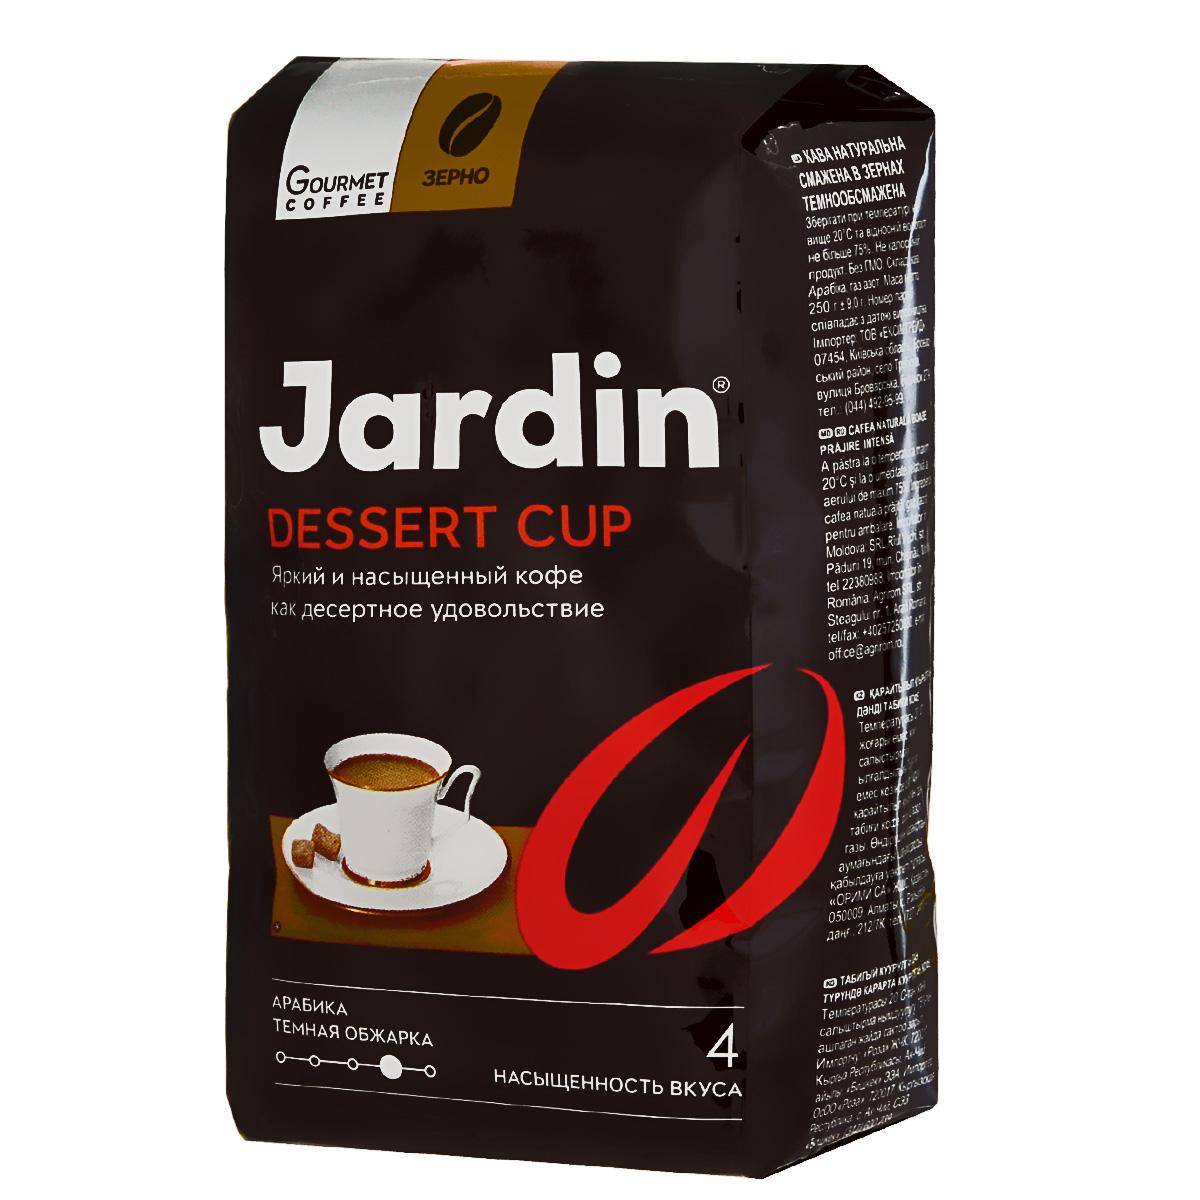 Jardin Dessert Cup кофе в зернах, 250 г0545-20Кофе в зернах Jardin Dessert Cup обладает многогранным сложным вкусом, наполненным интенсивной сладостью великолепного десерта.В этом бленде сочетаются пять сортов Арабики, выращенных на разных плантациях - Эфиопия Сидамо, Суматра Мандхелинг, Гватемала, Коста-Рика и Колумбия Супремо.